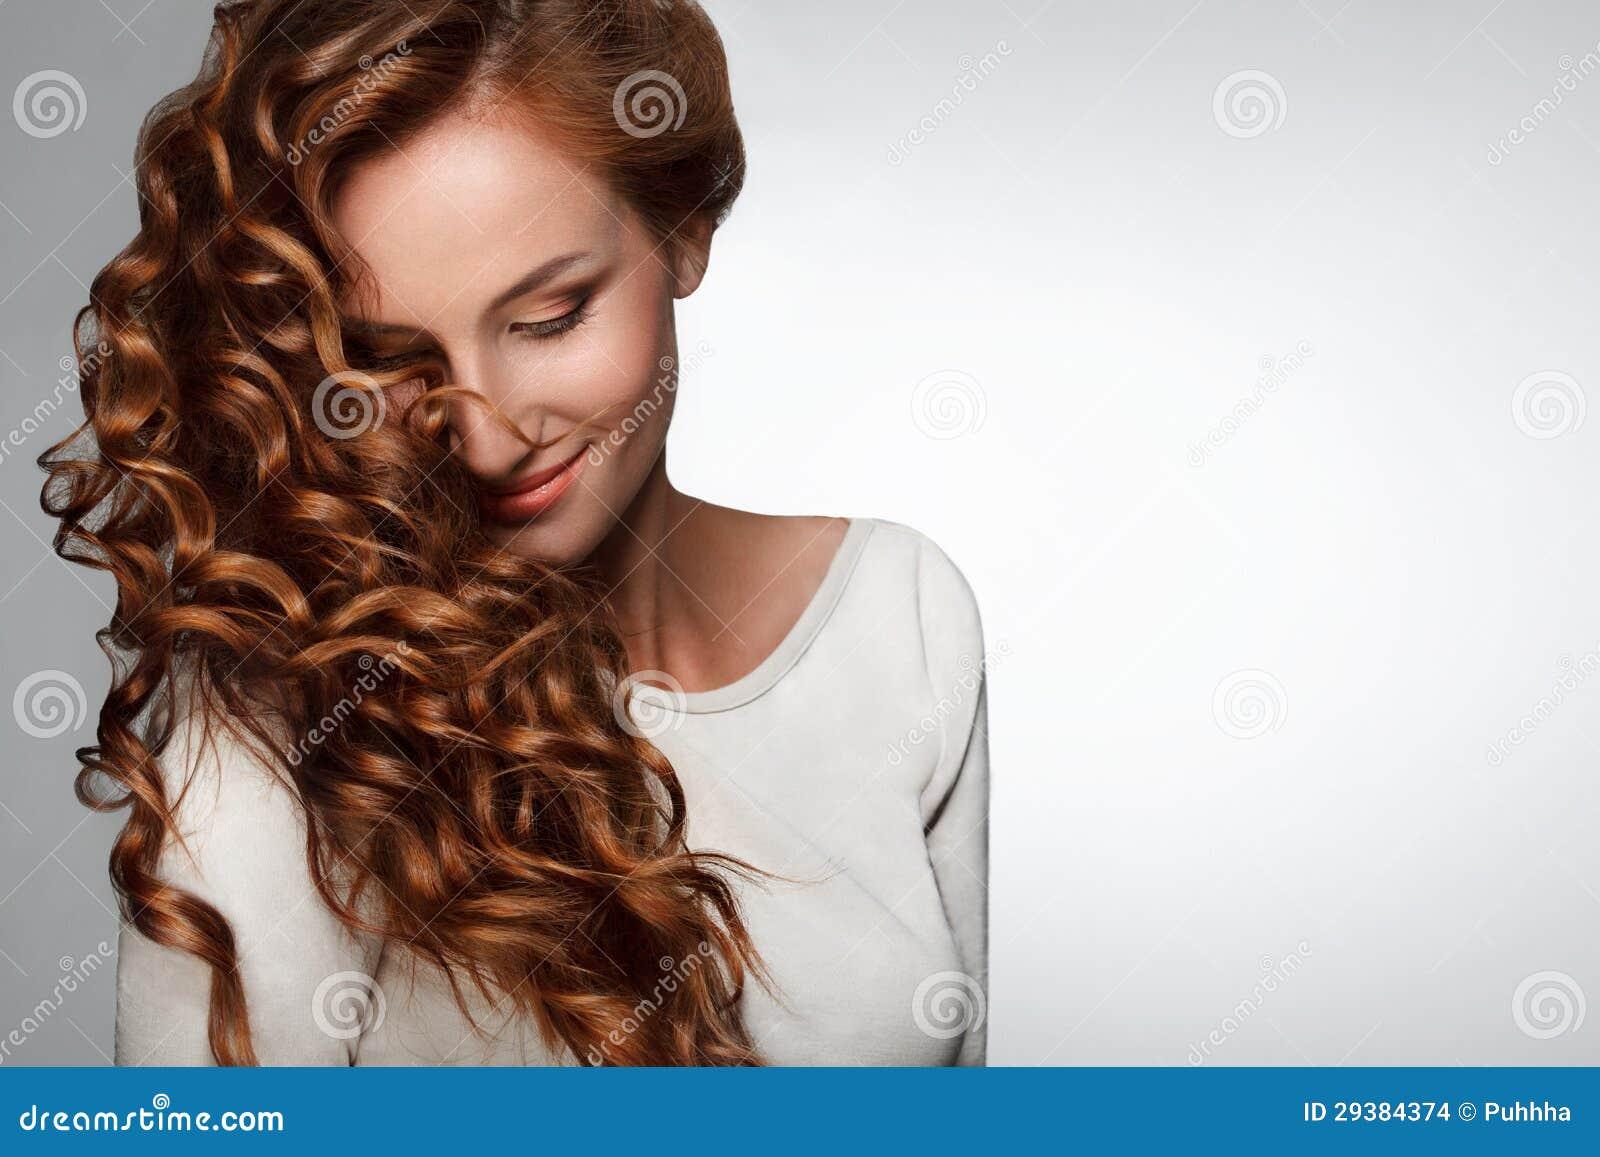 Rött hår. Kvinna med härligt lockigt hår